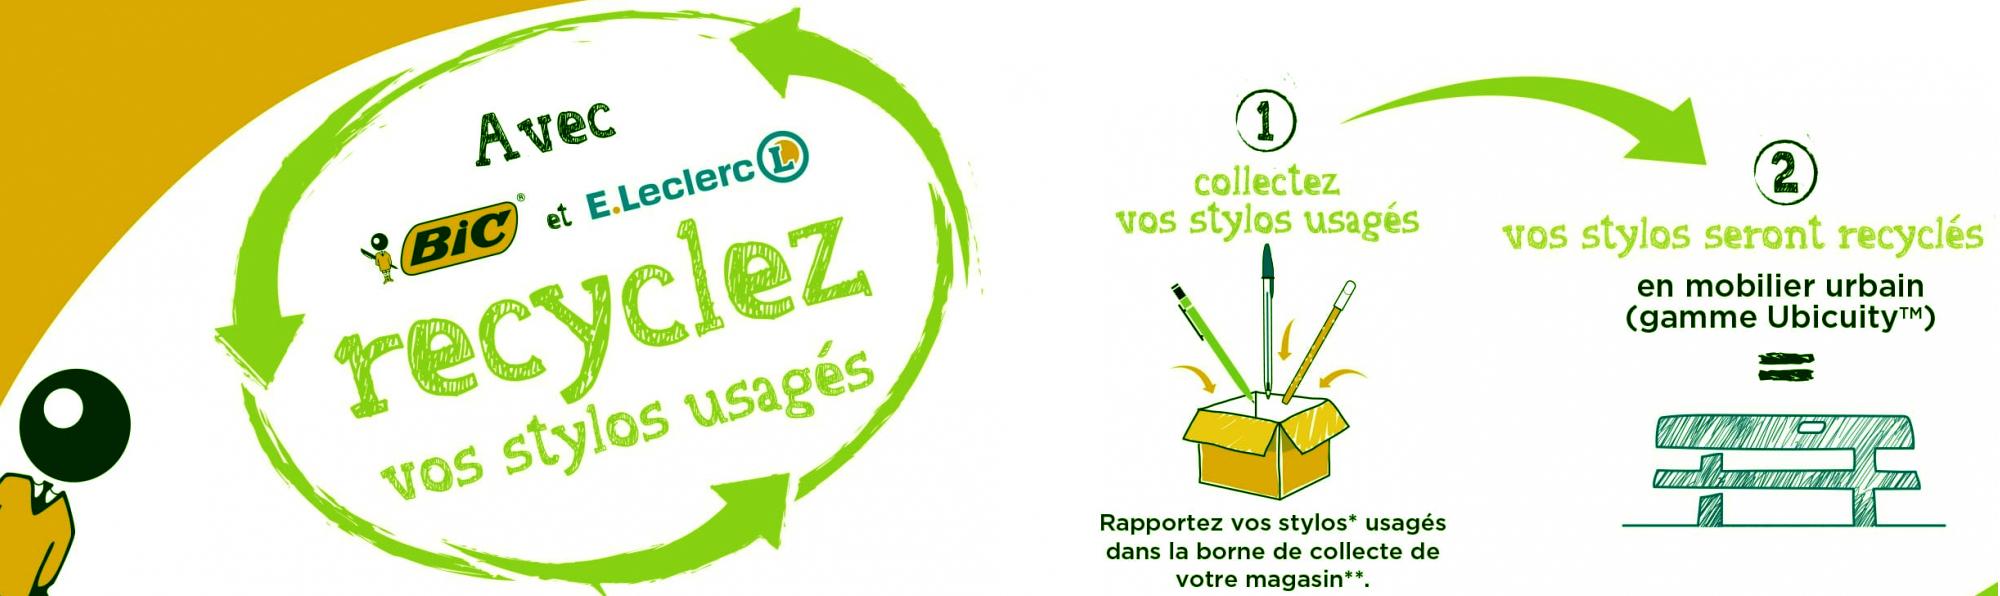 E.Leclerc coopère avec BIC pour recycler vos stylos usés